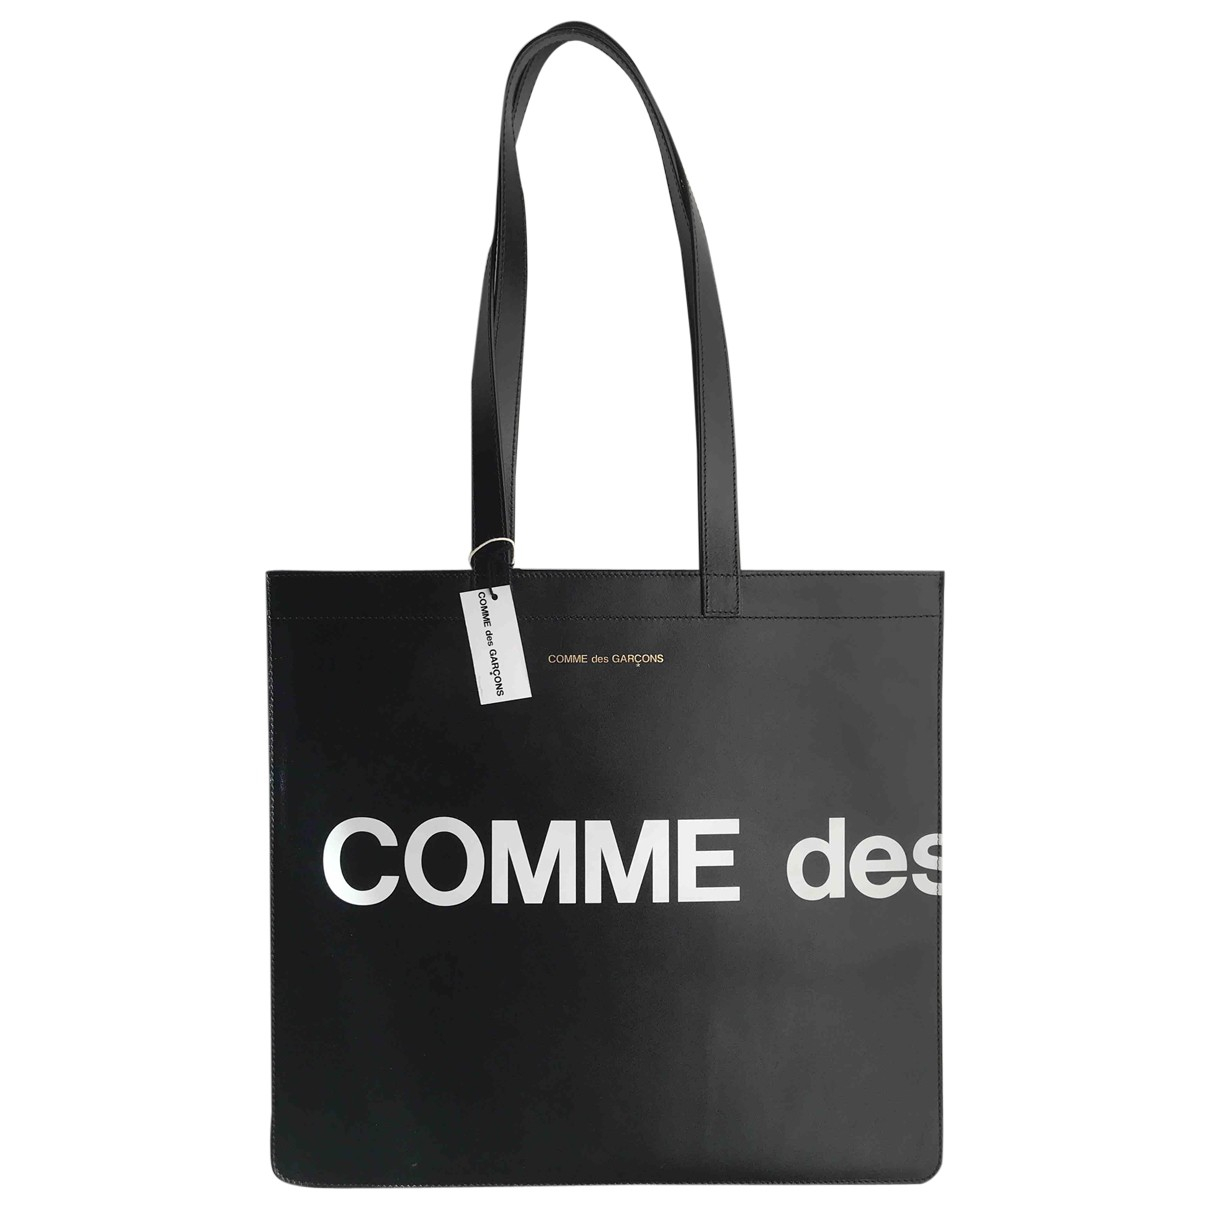 Comme Des Garcons N Black Leather handbag for Women N